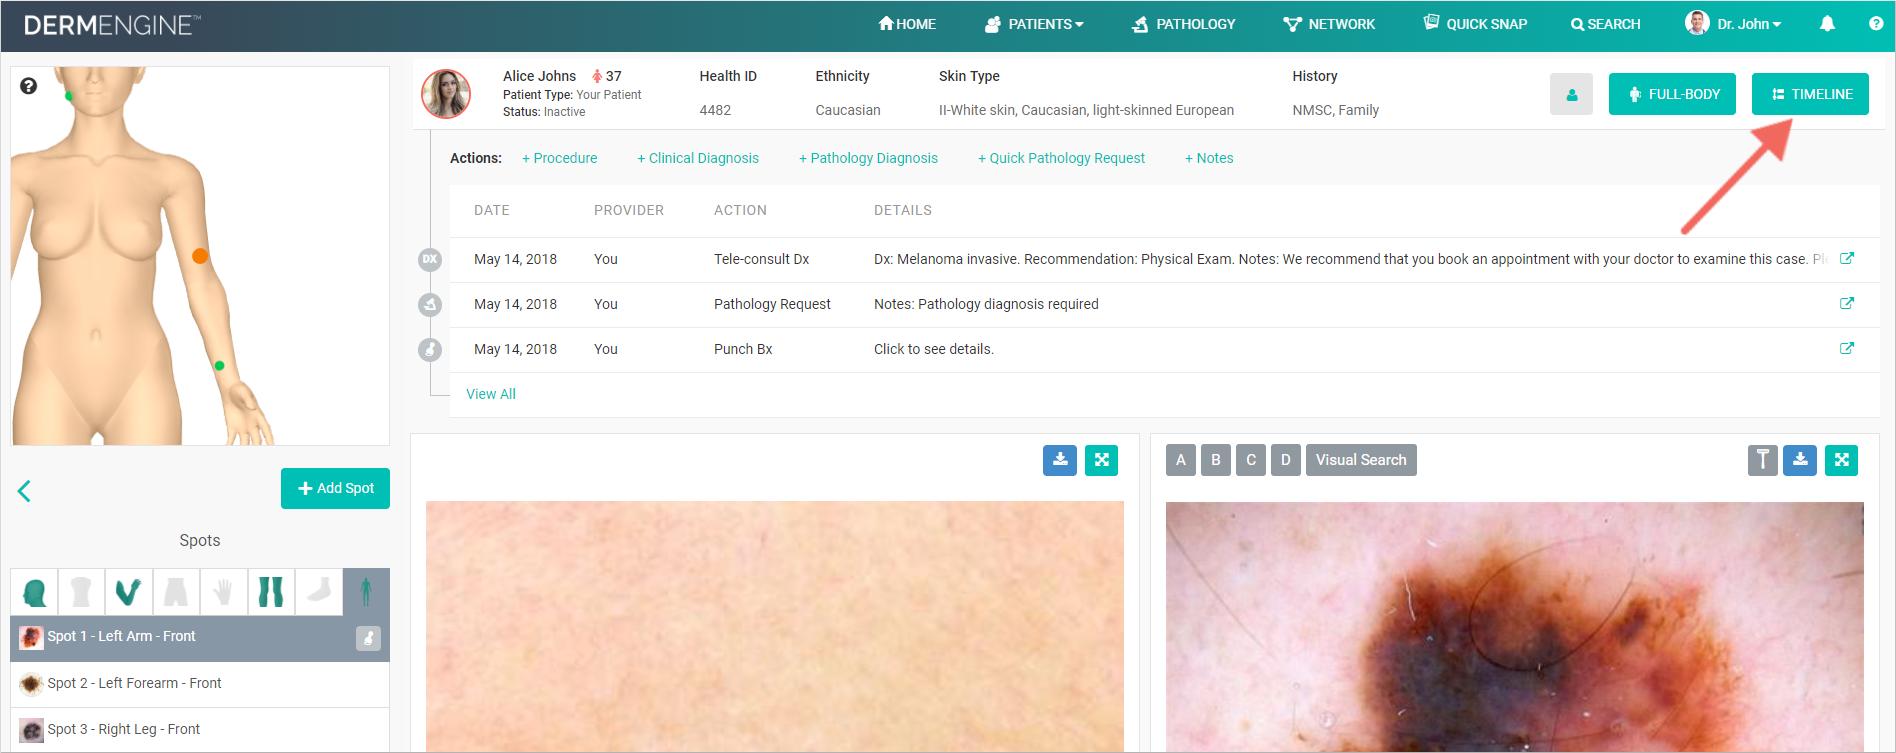 3._Timeline_Patient_Profile.PNG